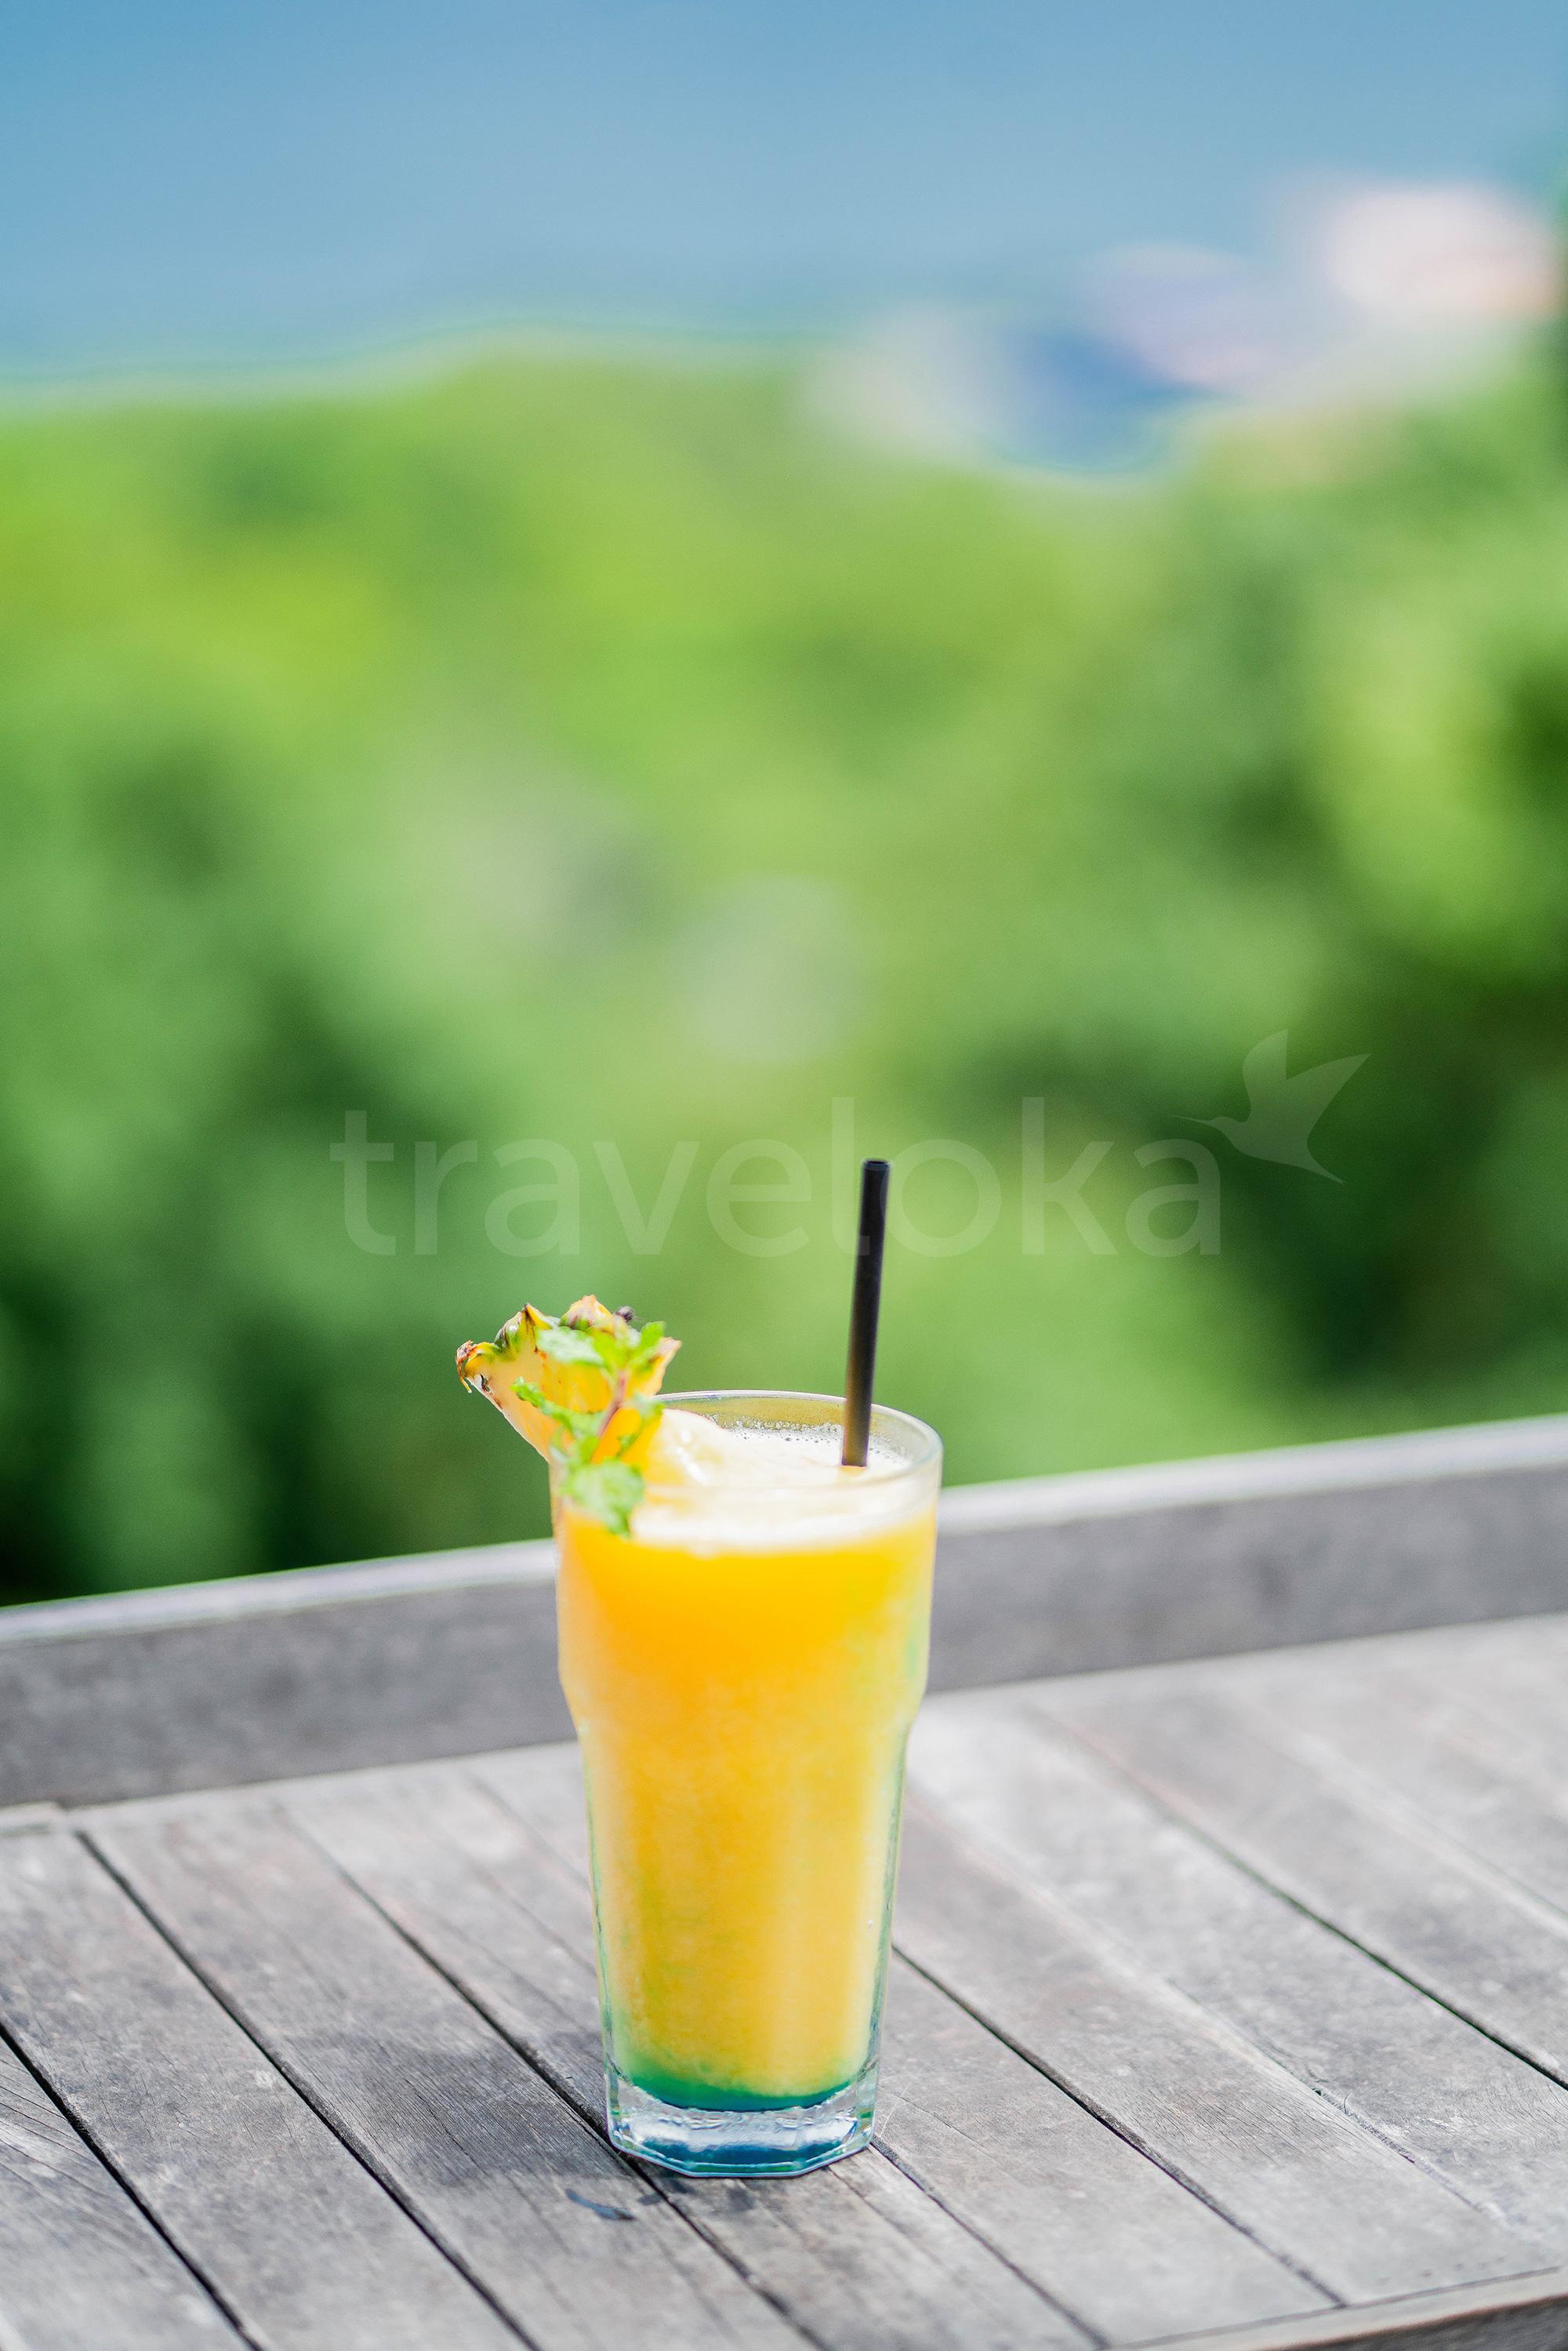 Cẩm nang du lịch Phú Quốc - Chuồn chuồn Bistro